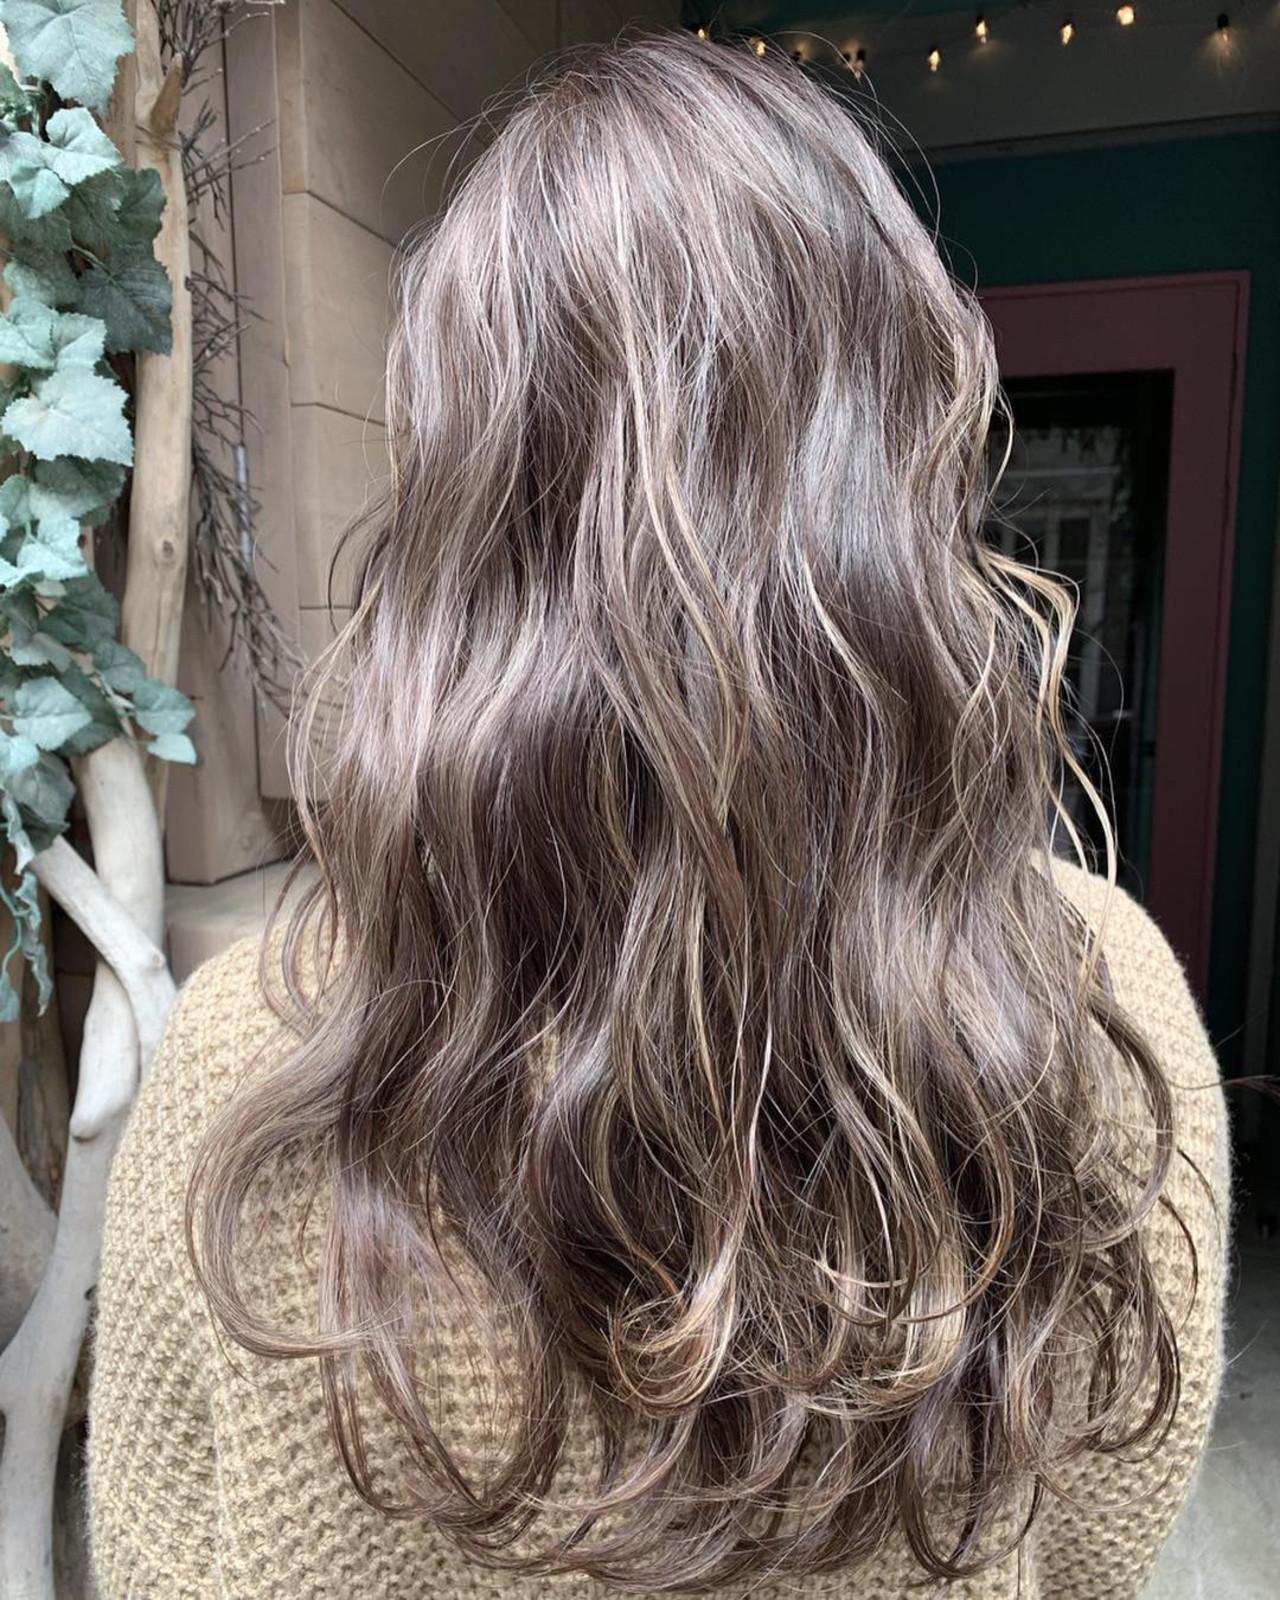 大人ハイライト 秋冬スタイル ナチュラル ミルクティーベージュ ヘアスタイルや髪型の写真・画像